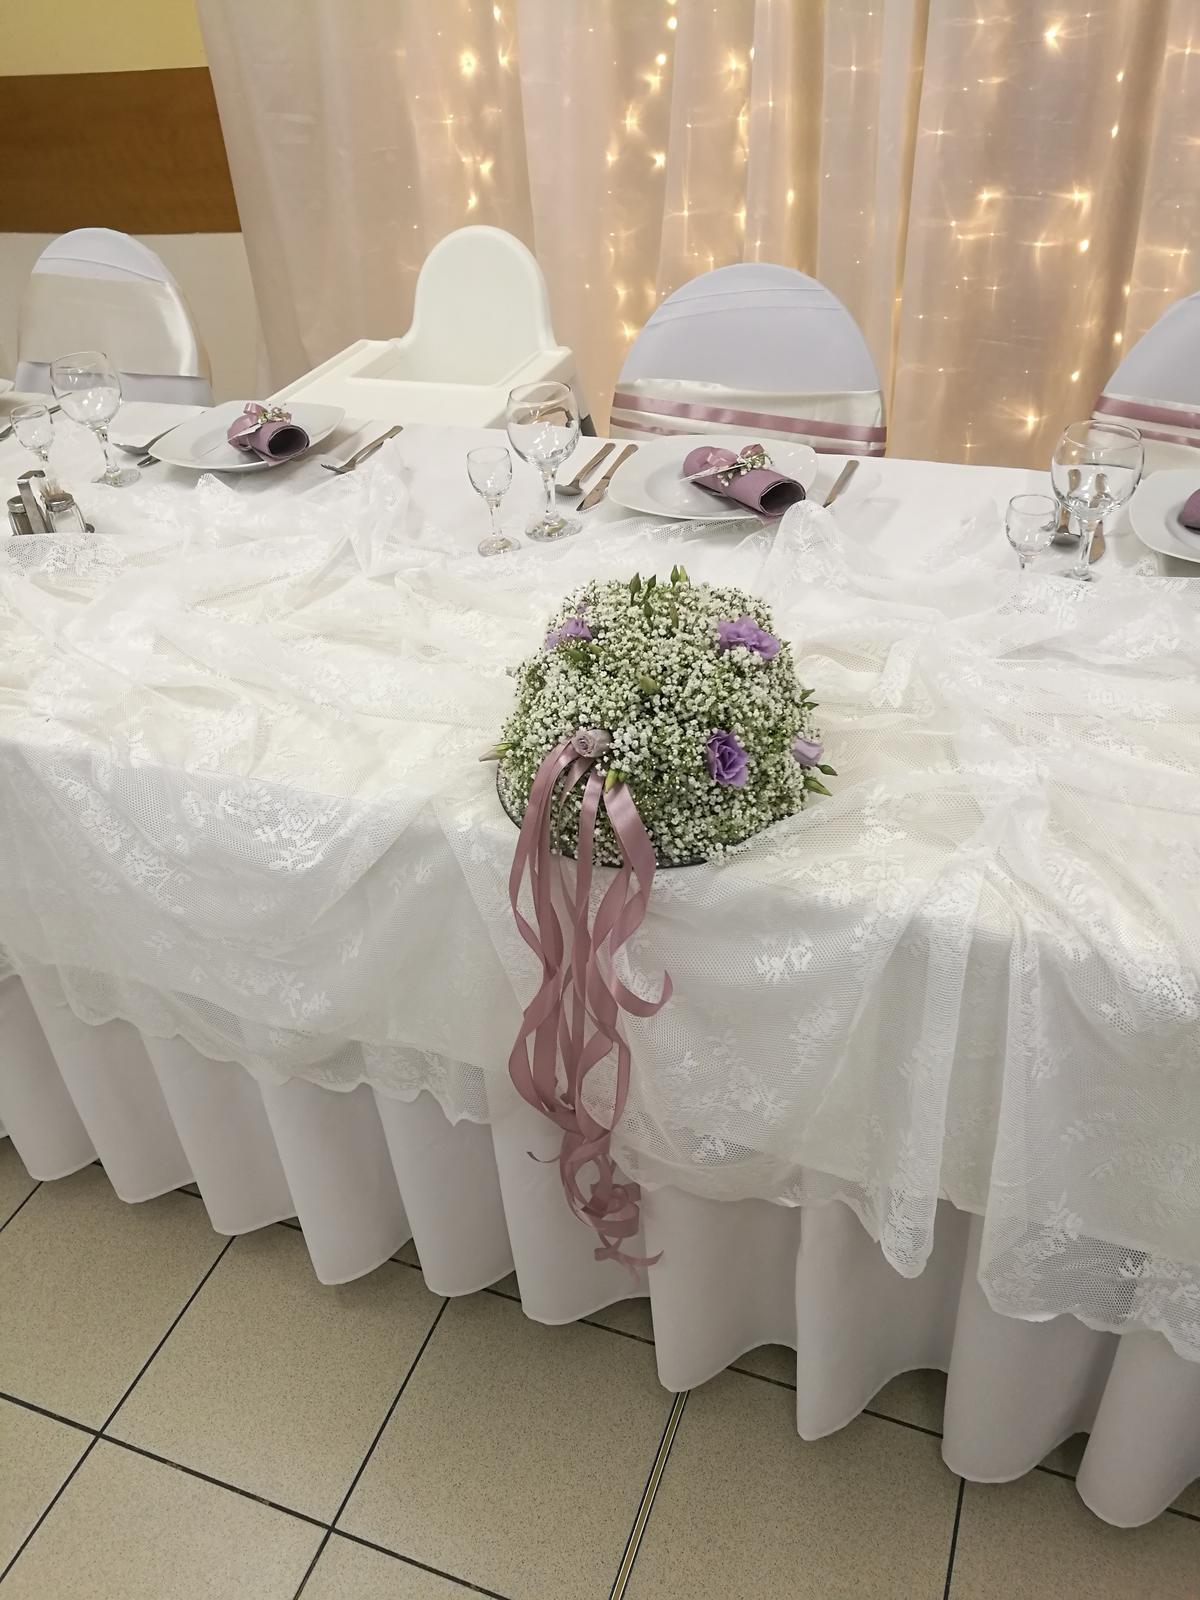 Letná svadba 2017 - Obrázok č. 6